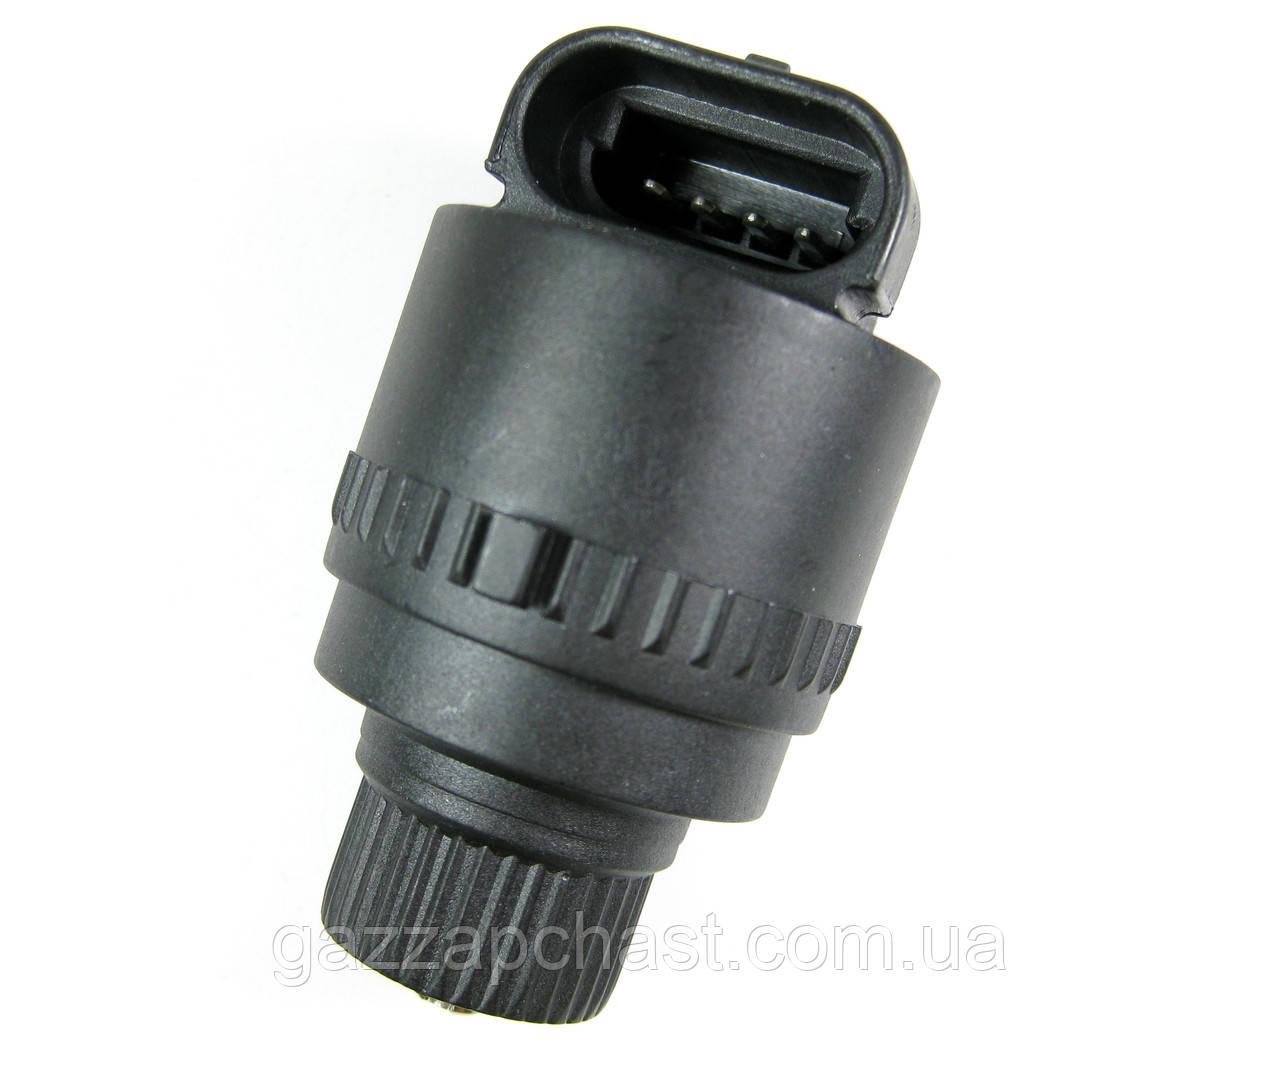 Привод трехходового Vaillant Atmomax, Turbomax Pro / Plus, Saunier Duval Isofast 140429